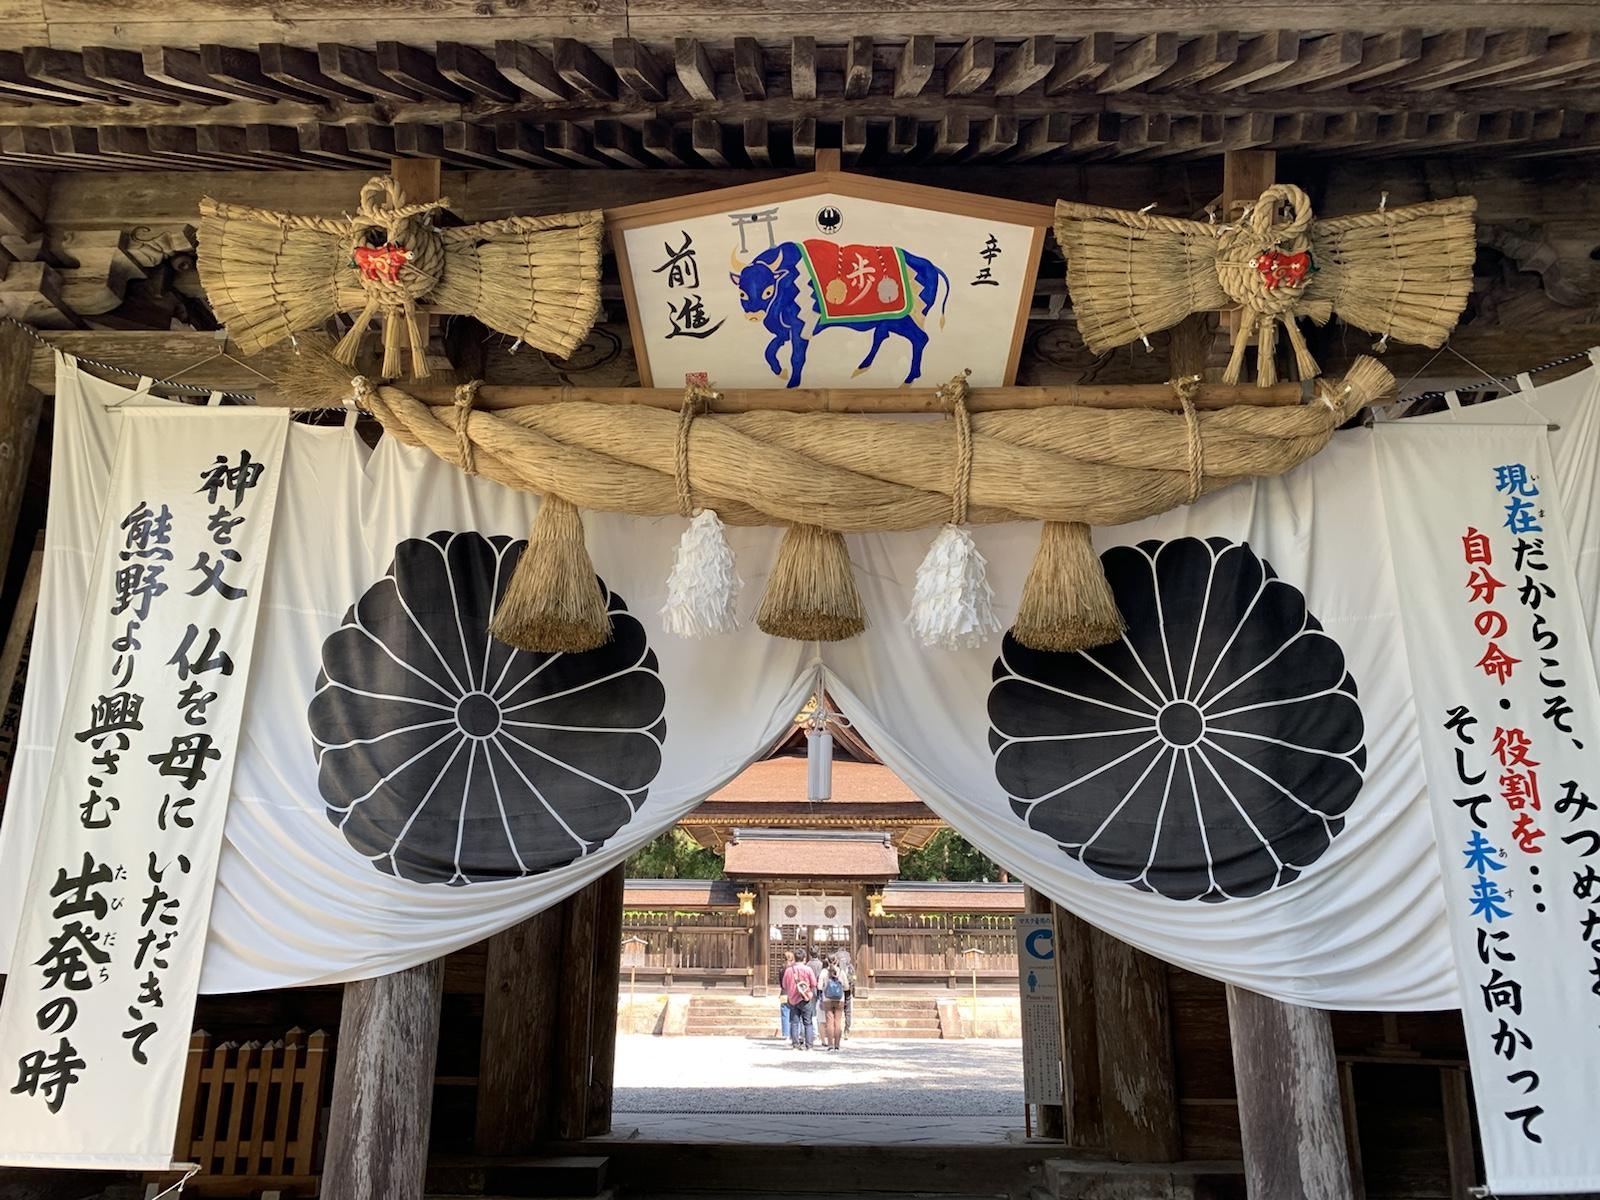 熊野本宮大社 熊野神社の総本宮 熊野古道 神門